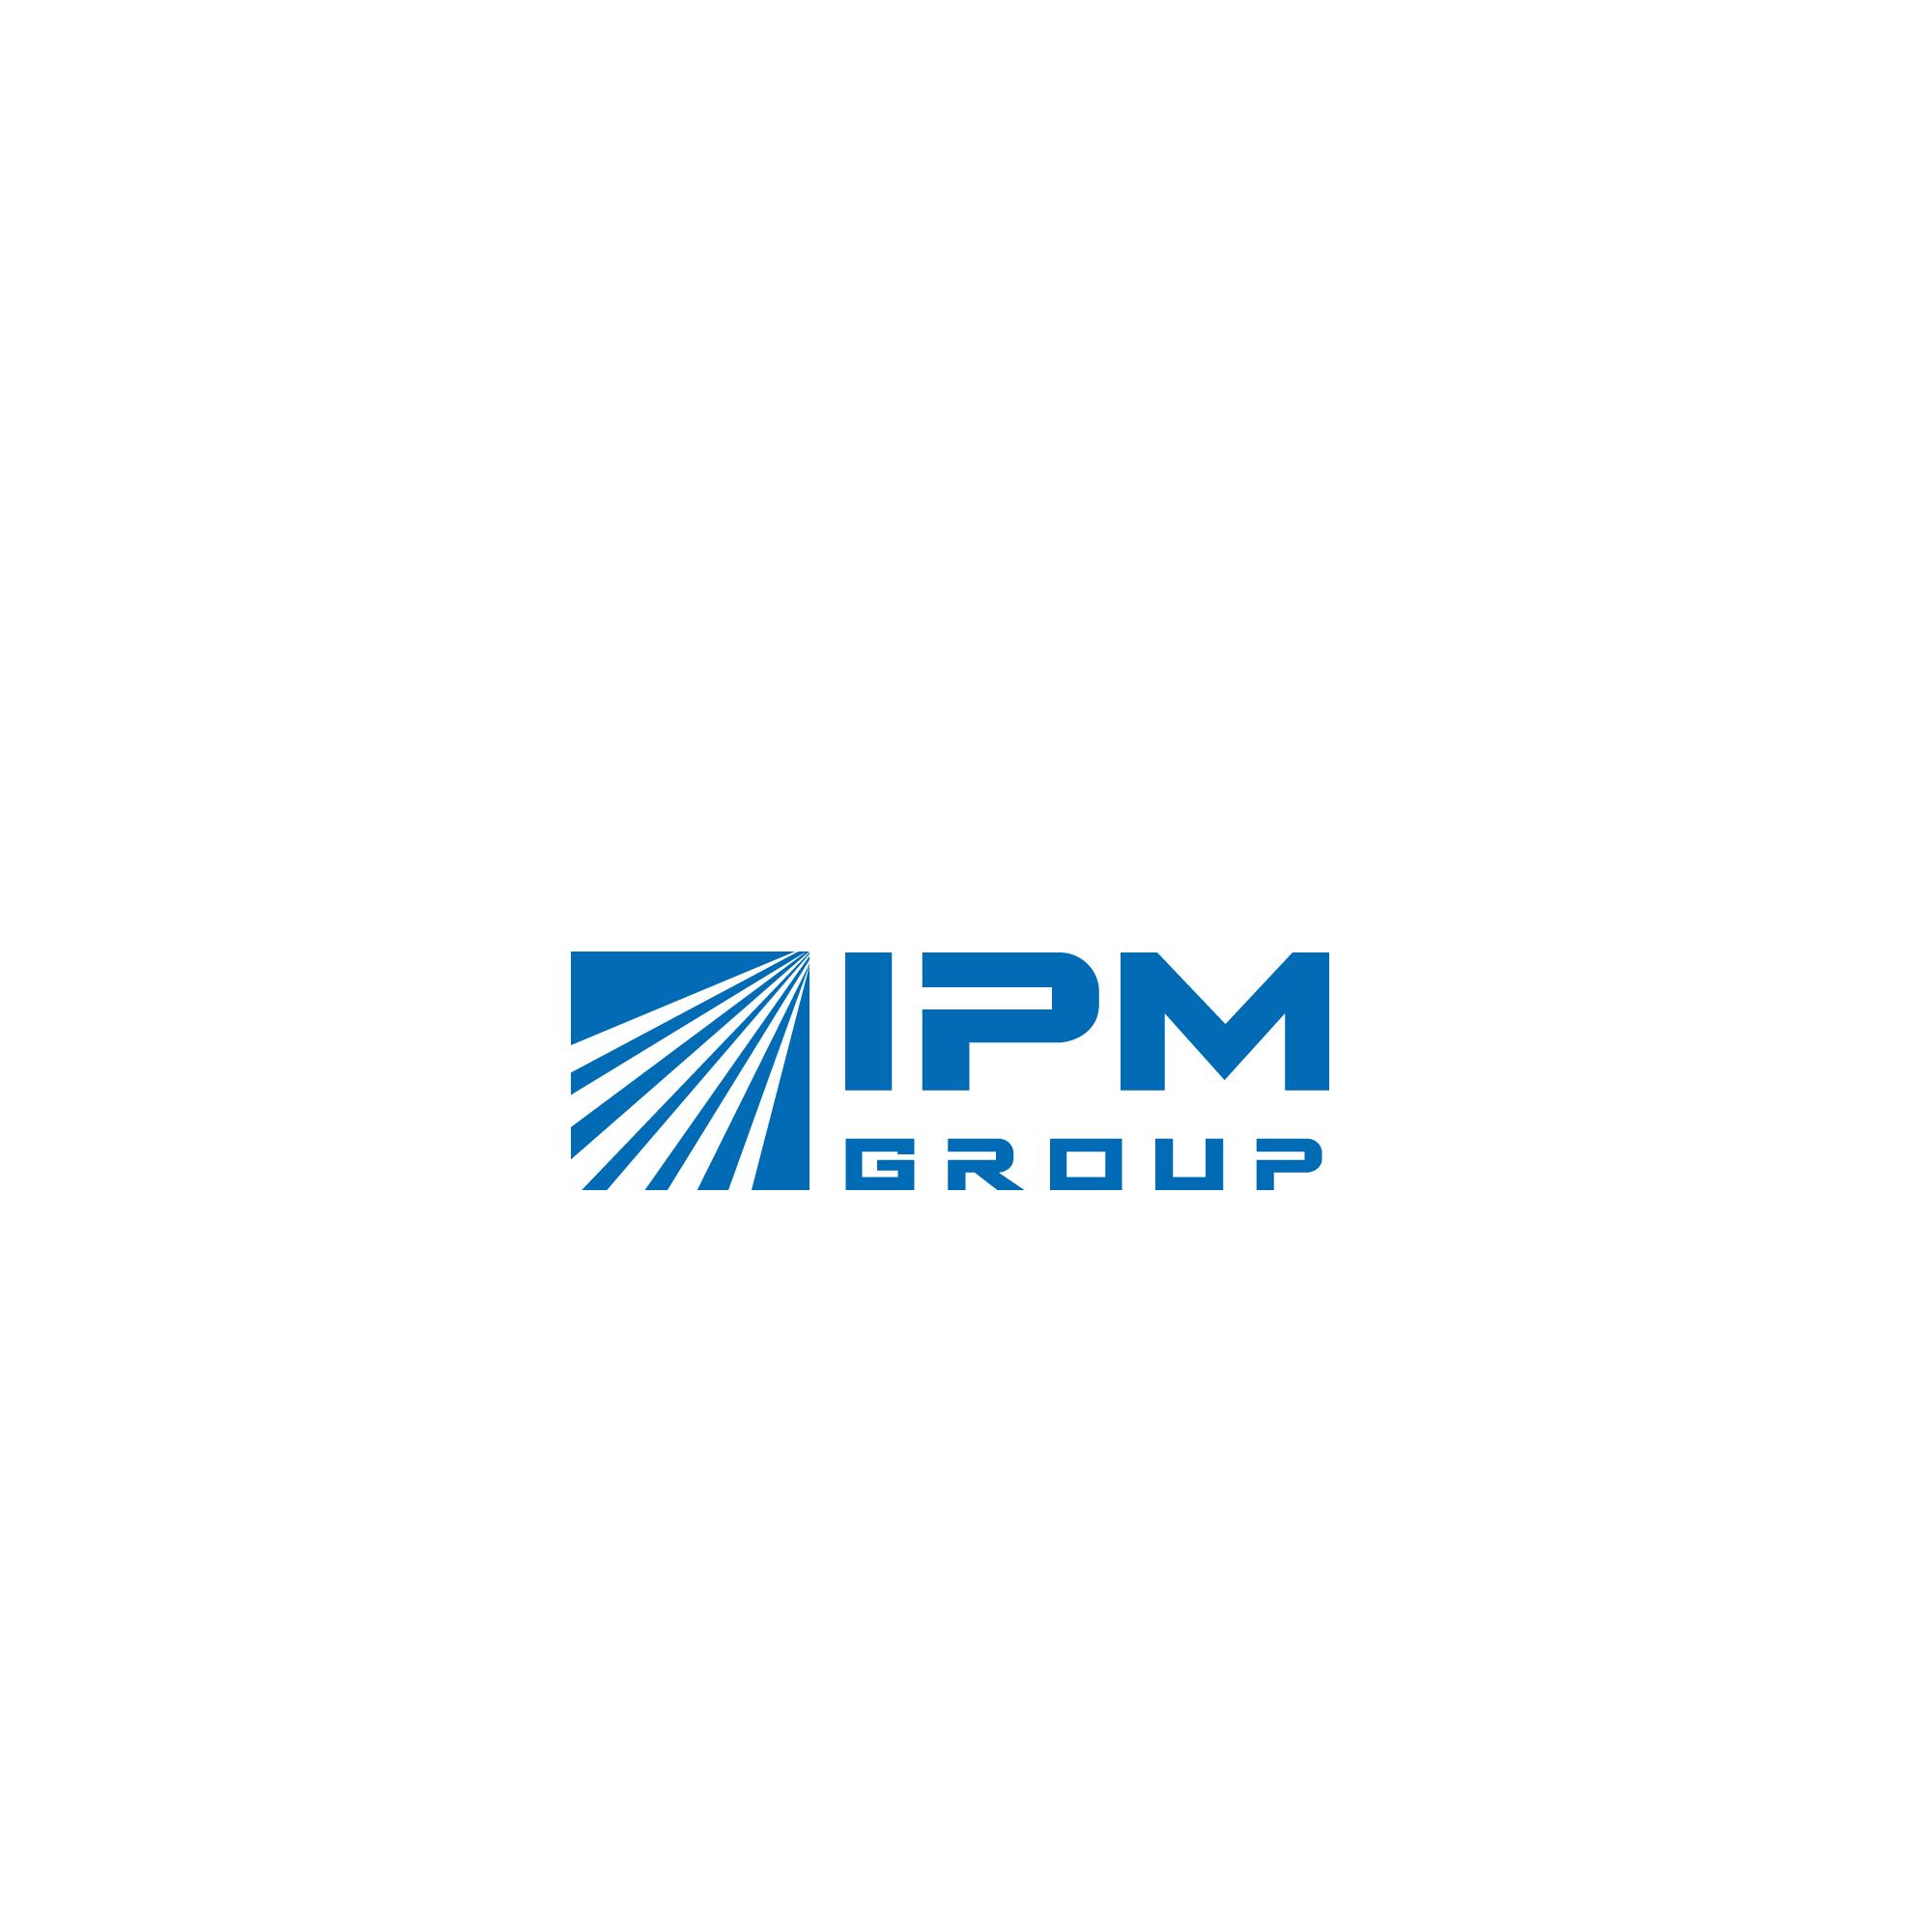 Разработка логотипа для управляющей компании фото f_9385f84929a63e22.jpg